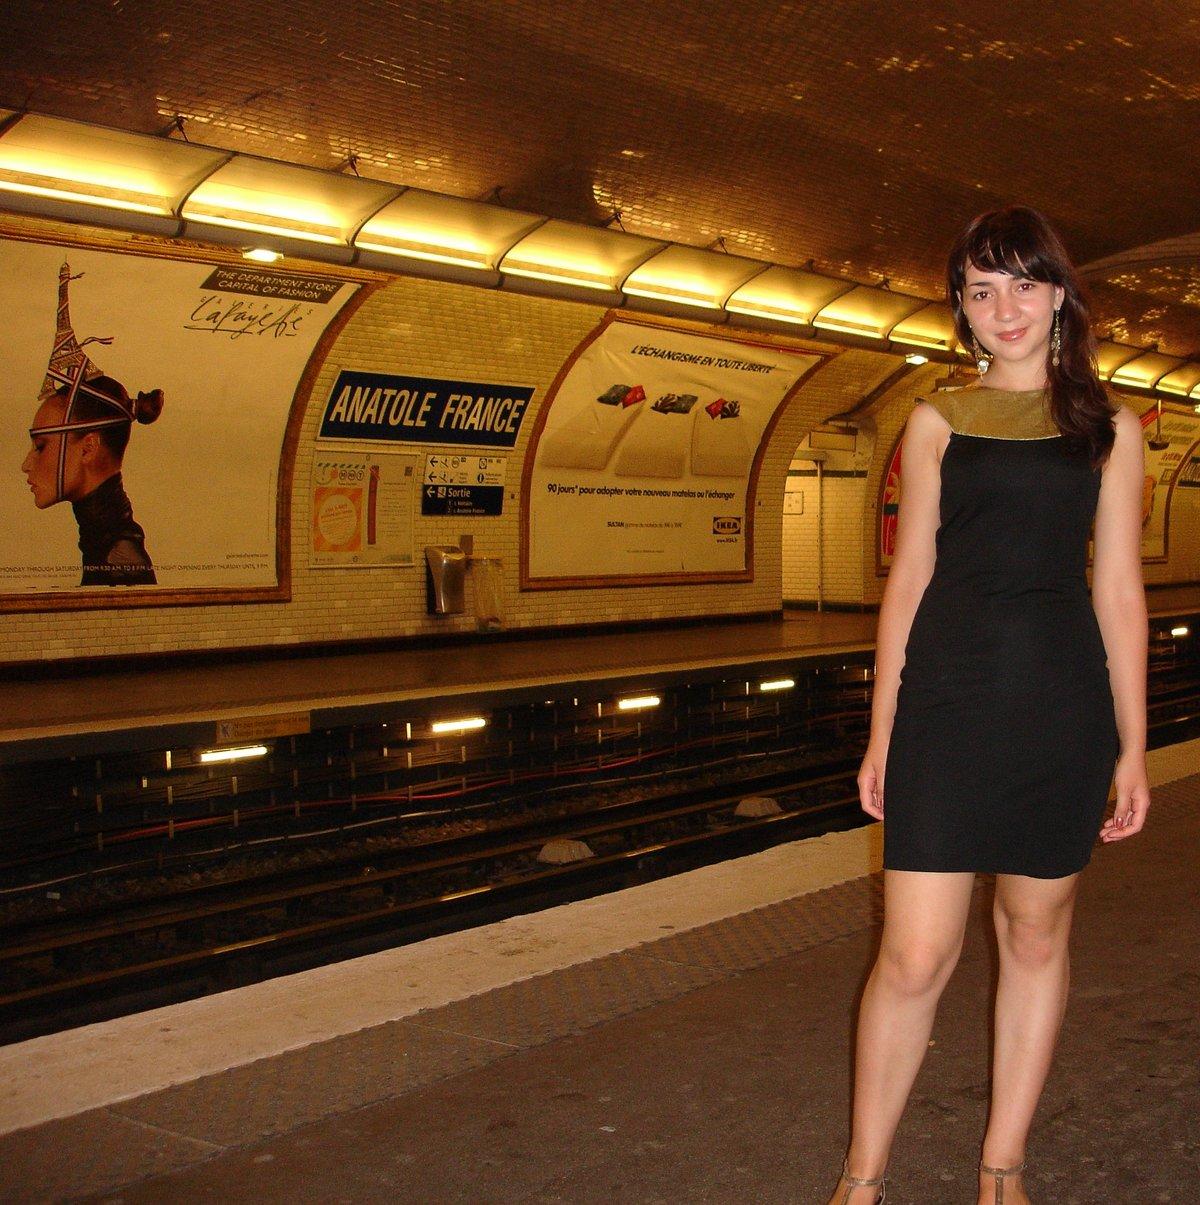 Красивое фото девушек в метро, большие сиськи теток домашнее фото